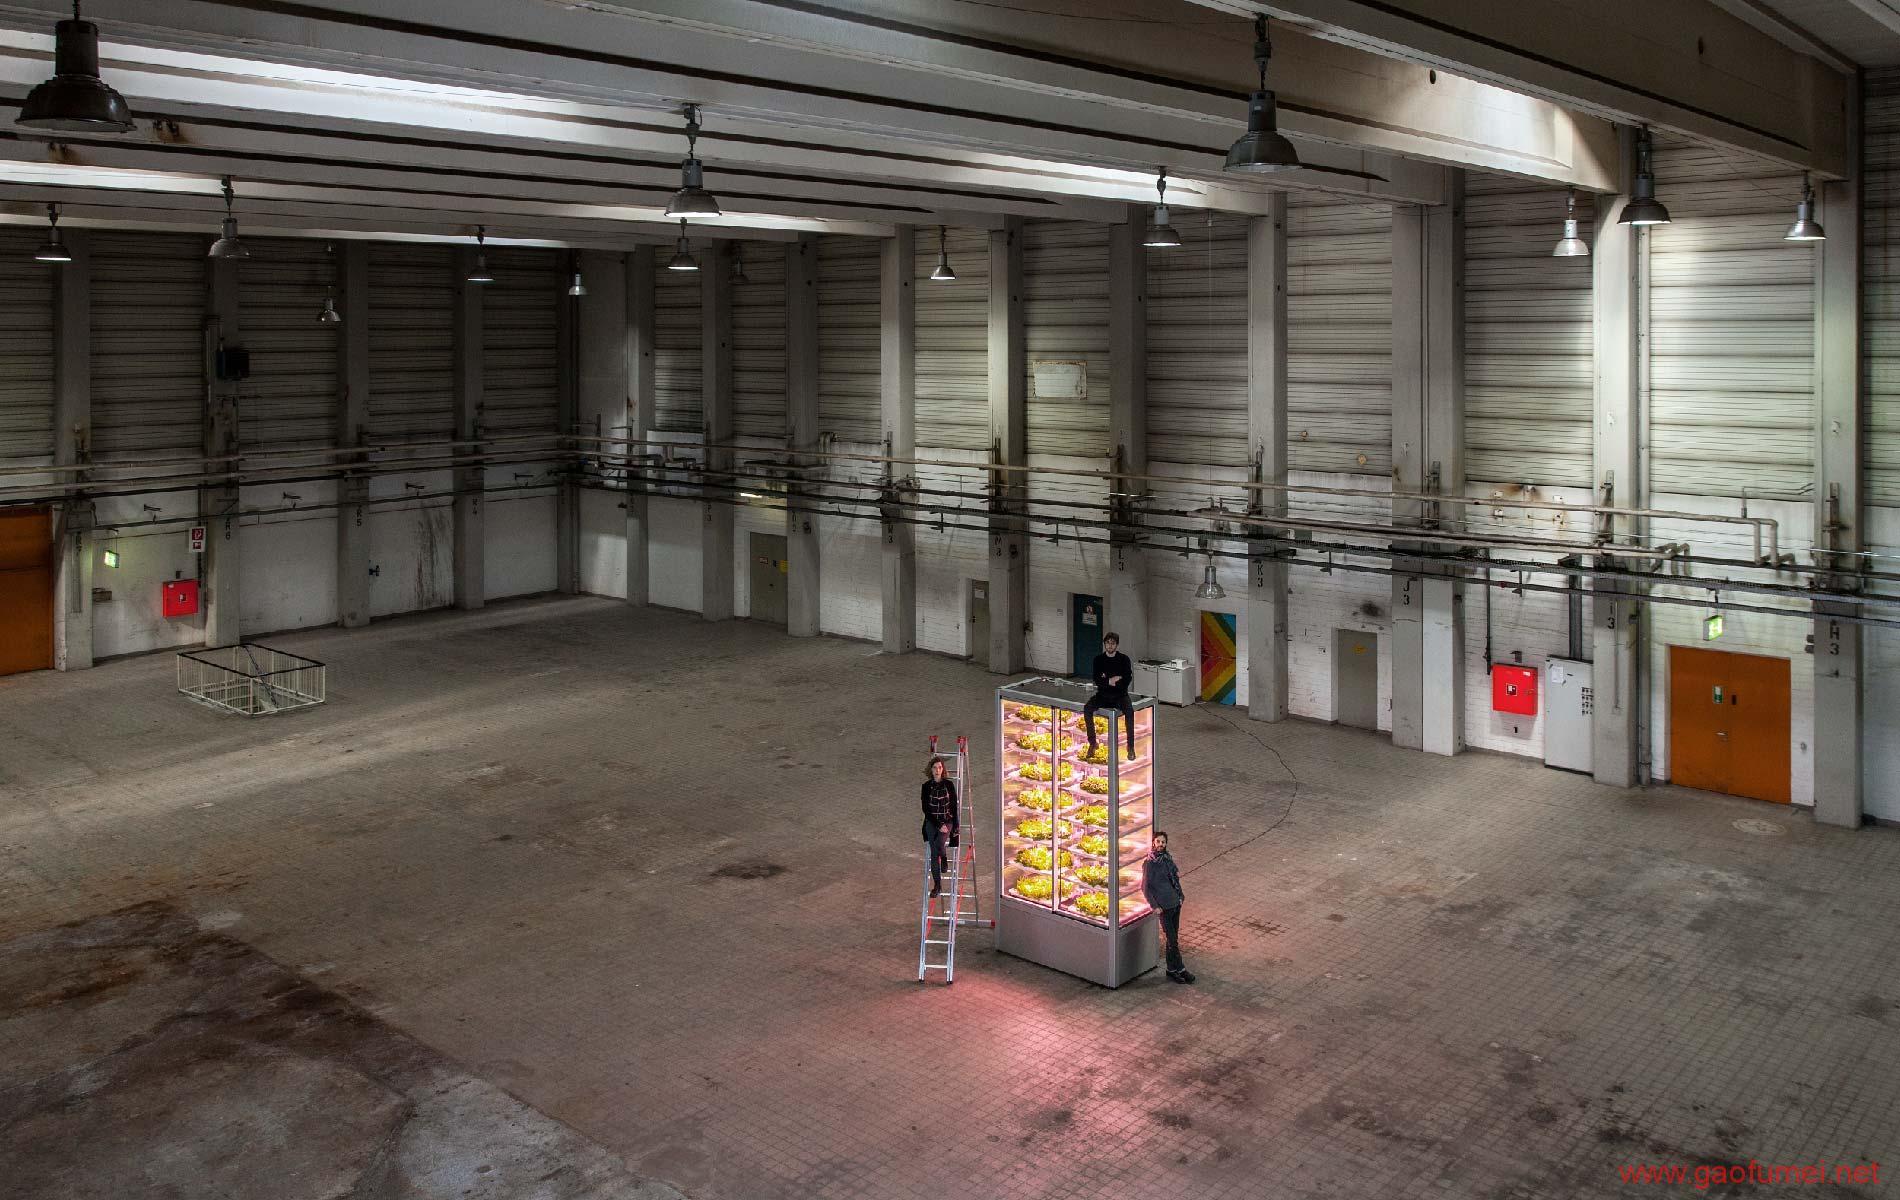 Infarm设计出一款使用机器学习技术的便利店垂直农场为消费者提供超新鲜的食材